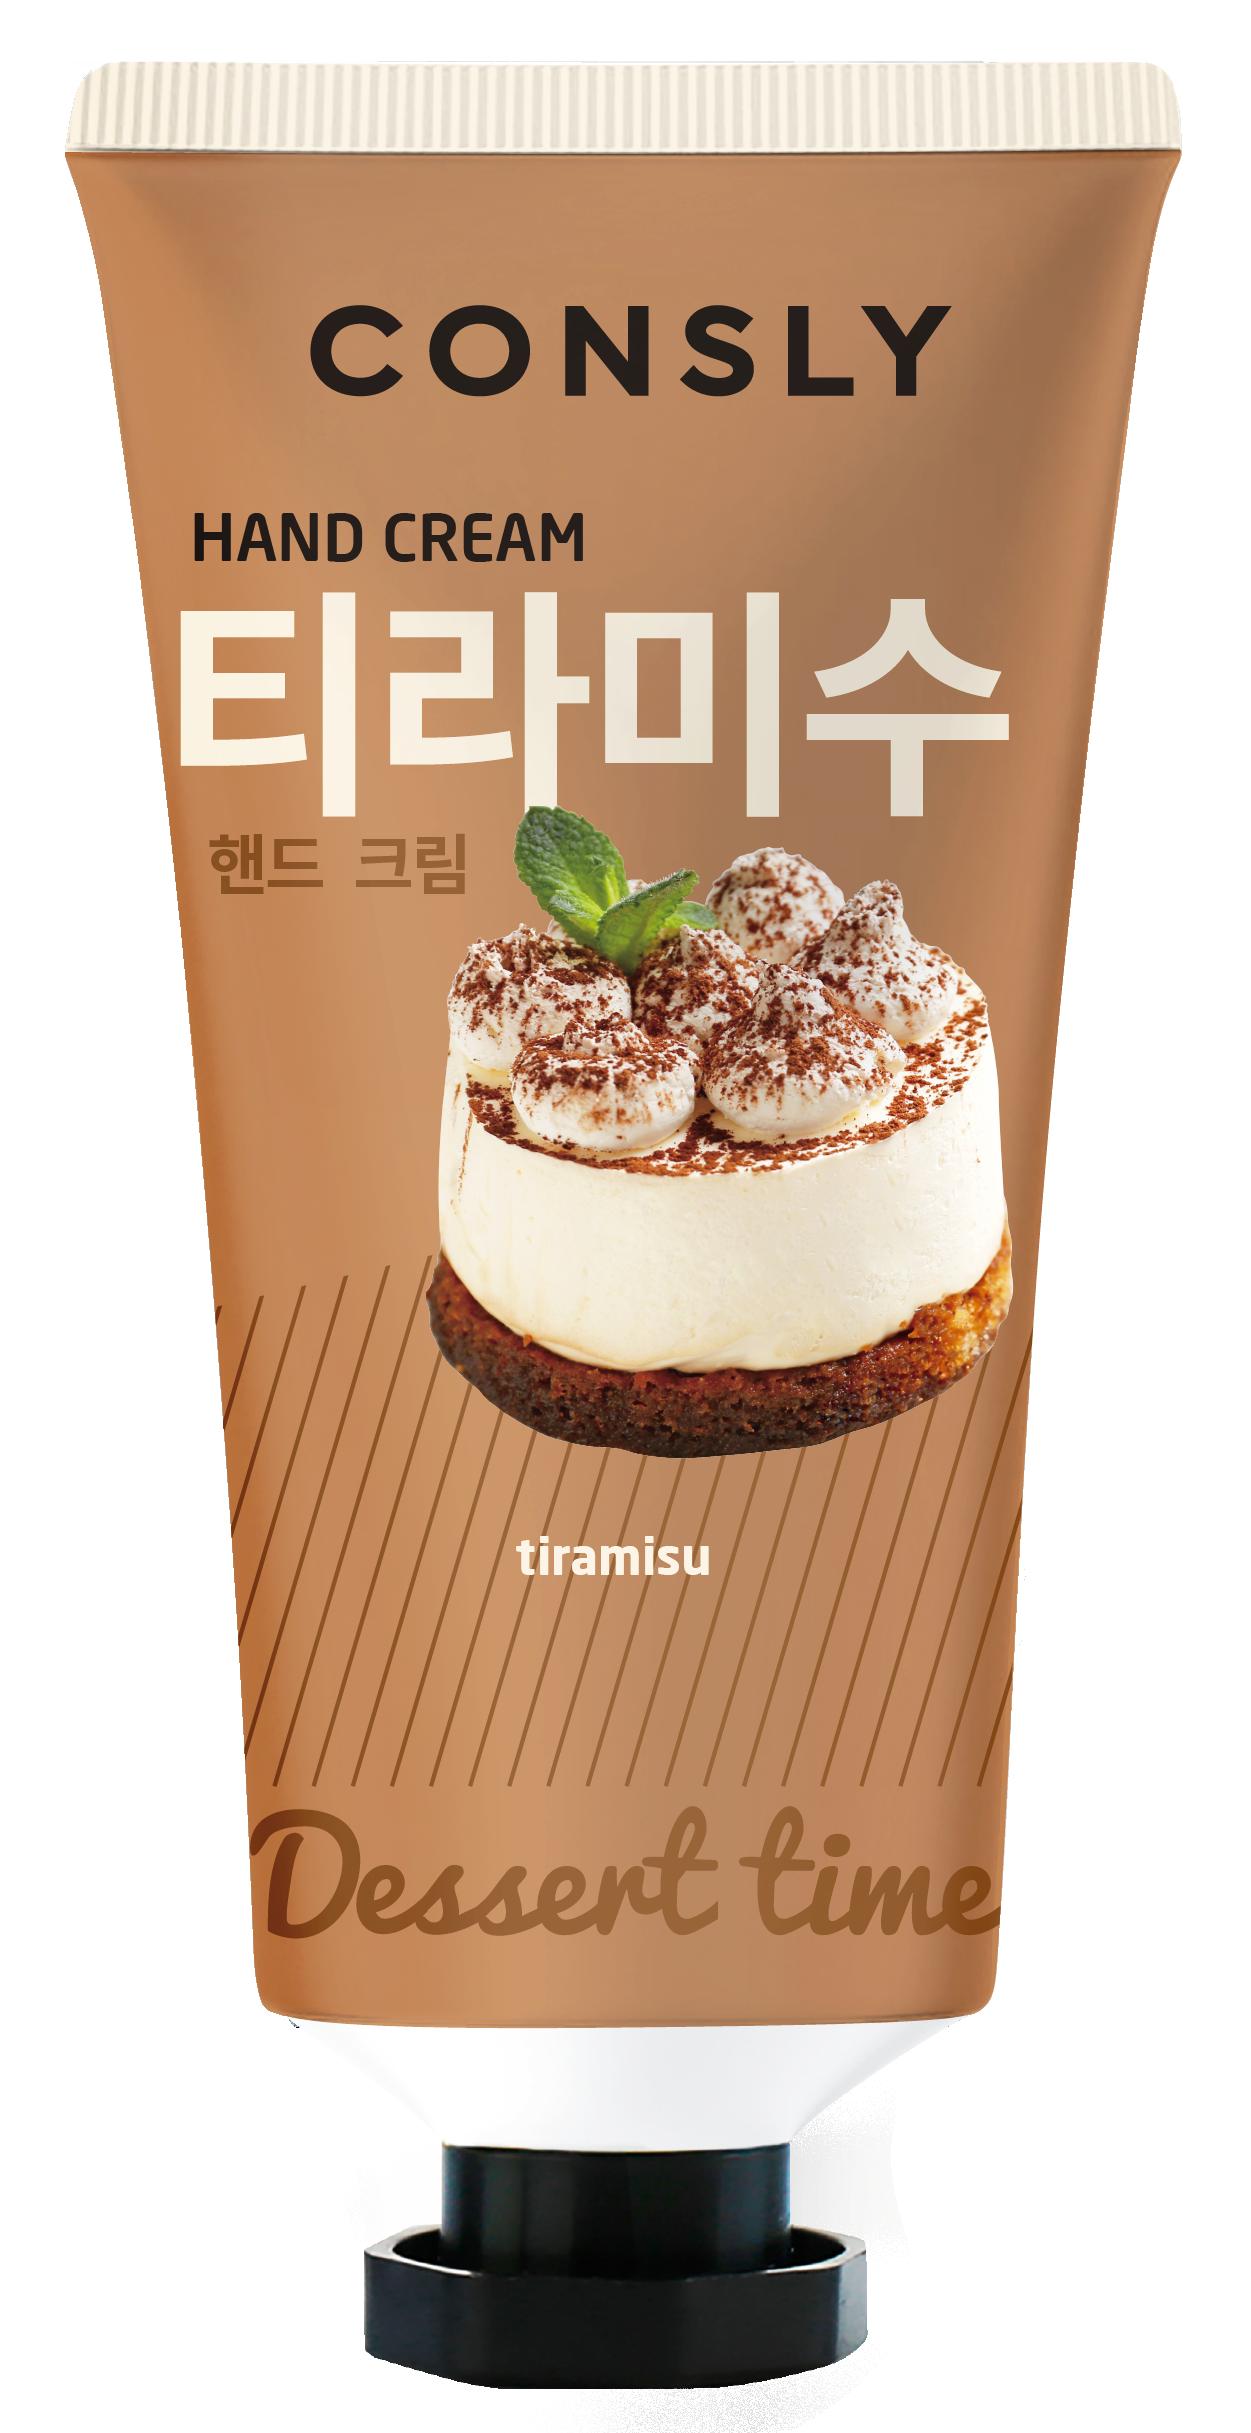 Купить CONSLY Крем с ароматом тирамису для рук / Dessert Time 100 мл